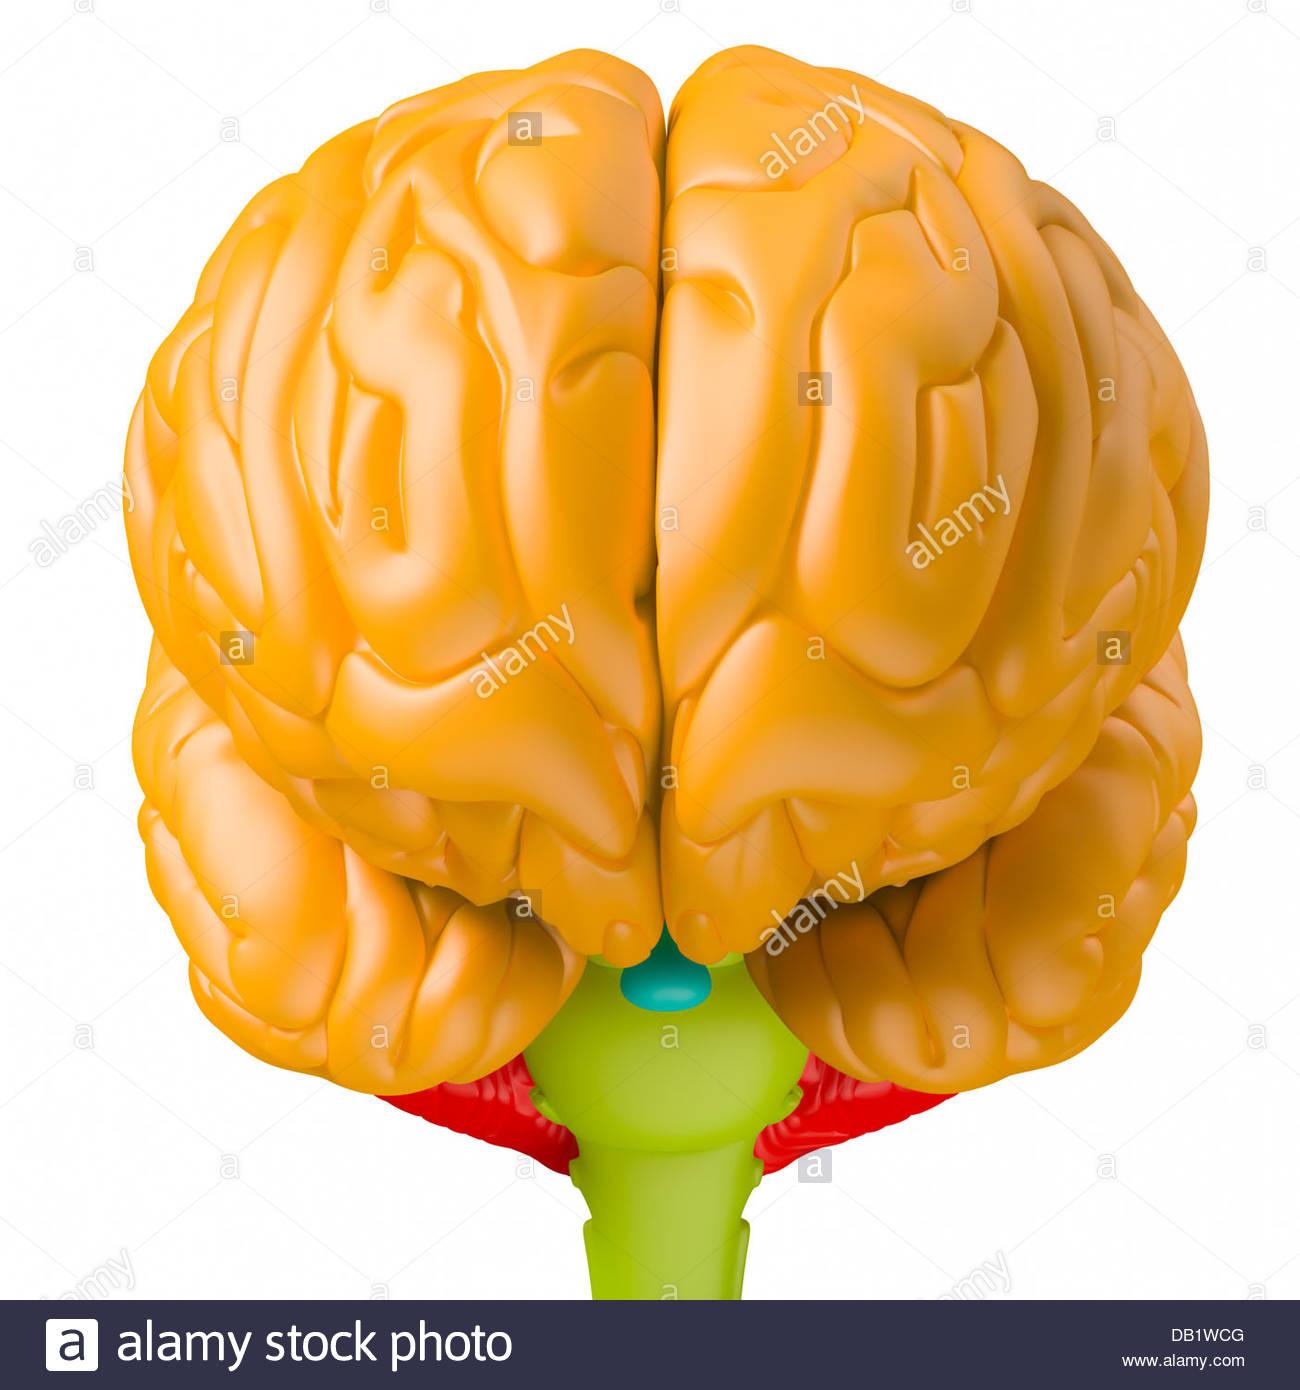 Ilustración médica digital representando el cerebro humano.Naranja:los lóbulos cerebrales.Azul:glándula Imagen De Stock